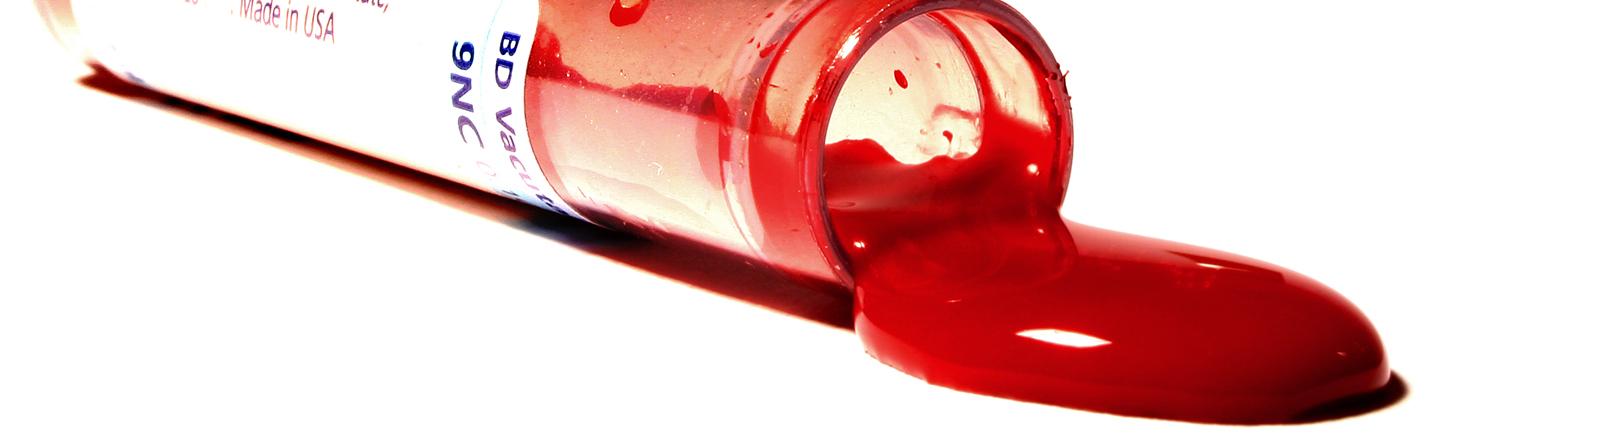 Ampulle, aus der Blut läuft.